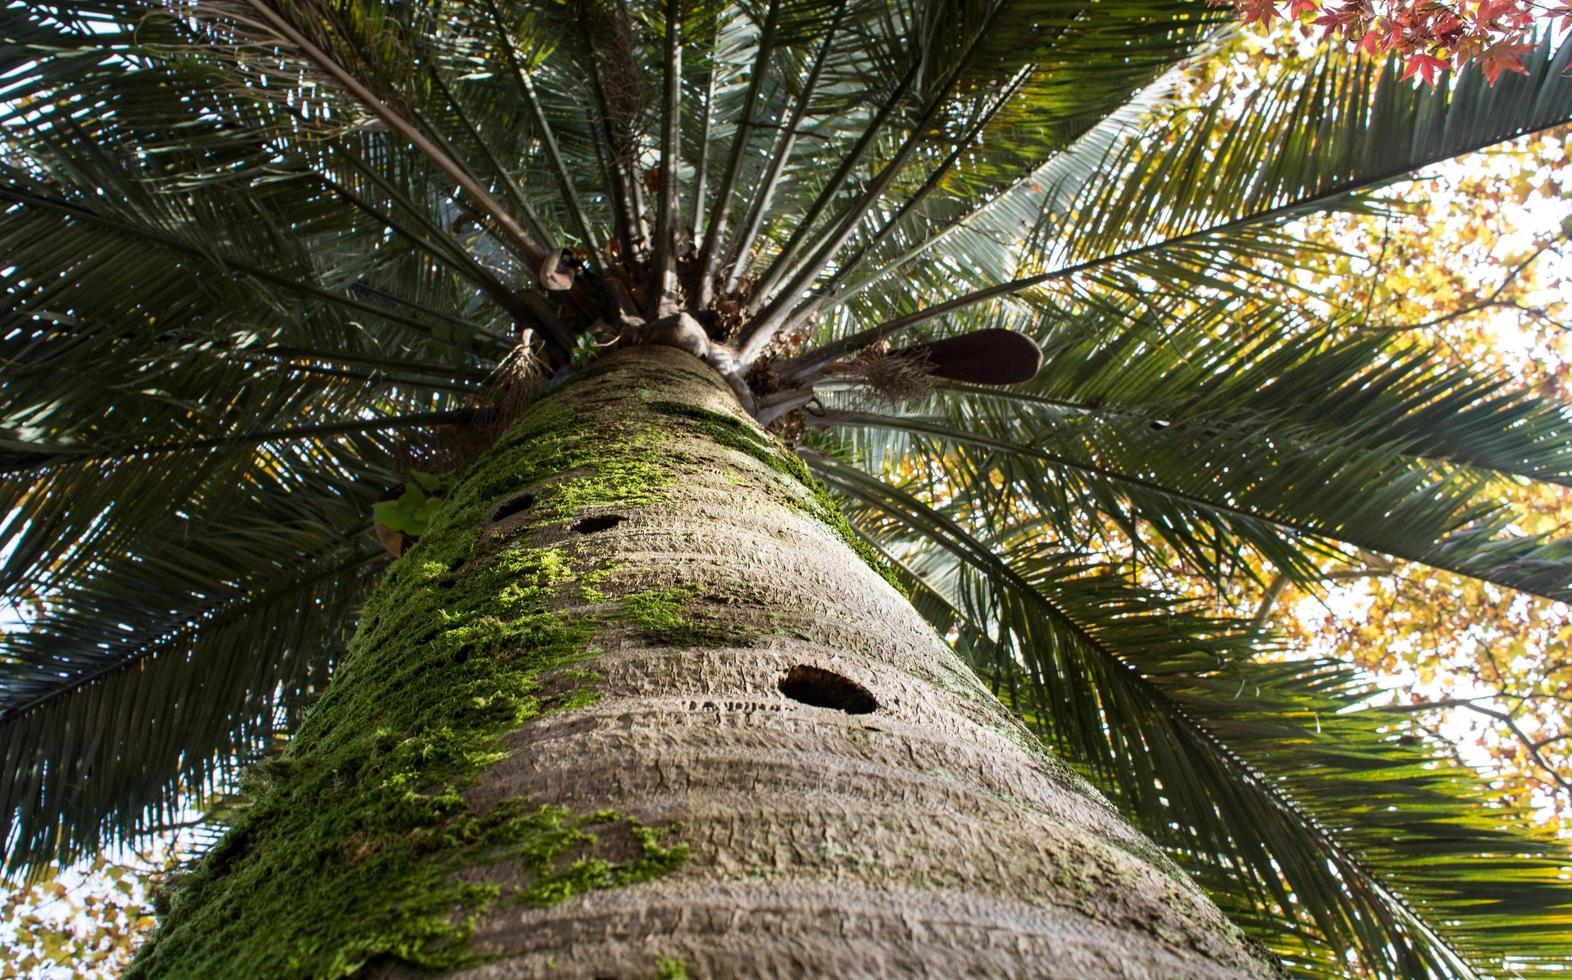 natuurlijke achtergrond met palmstam en bladeren foto